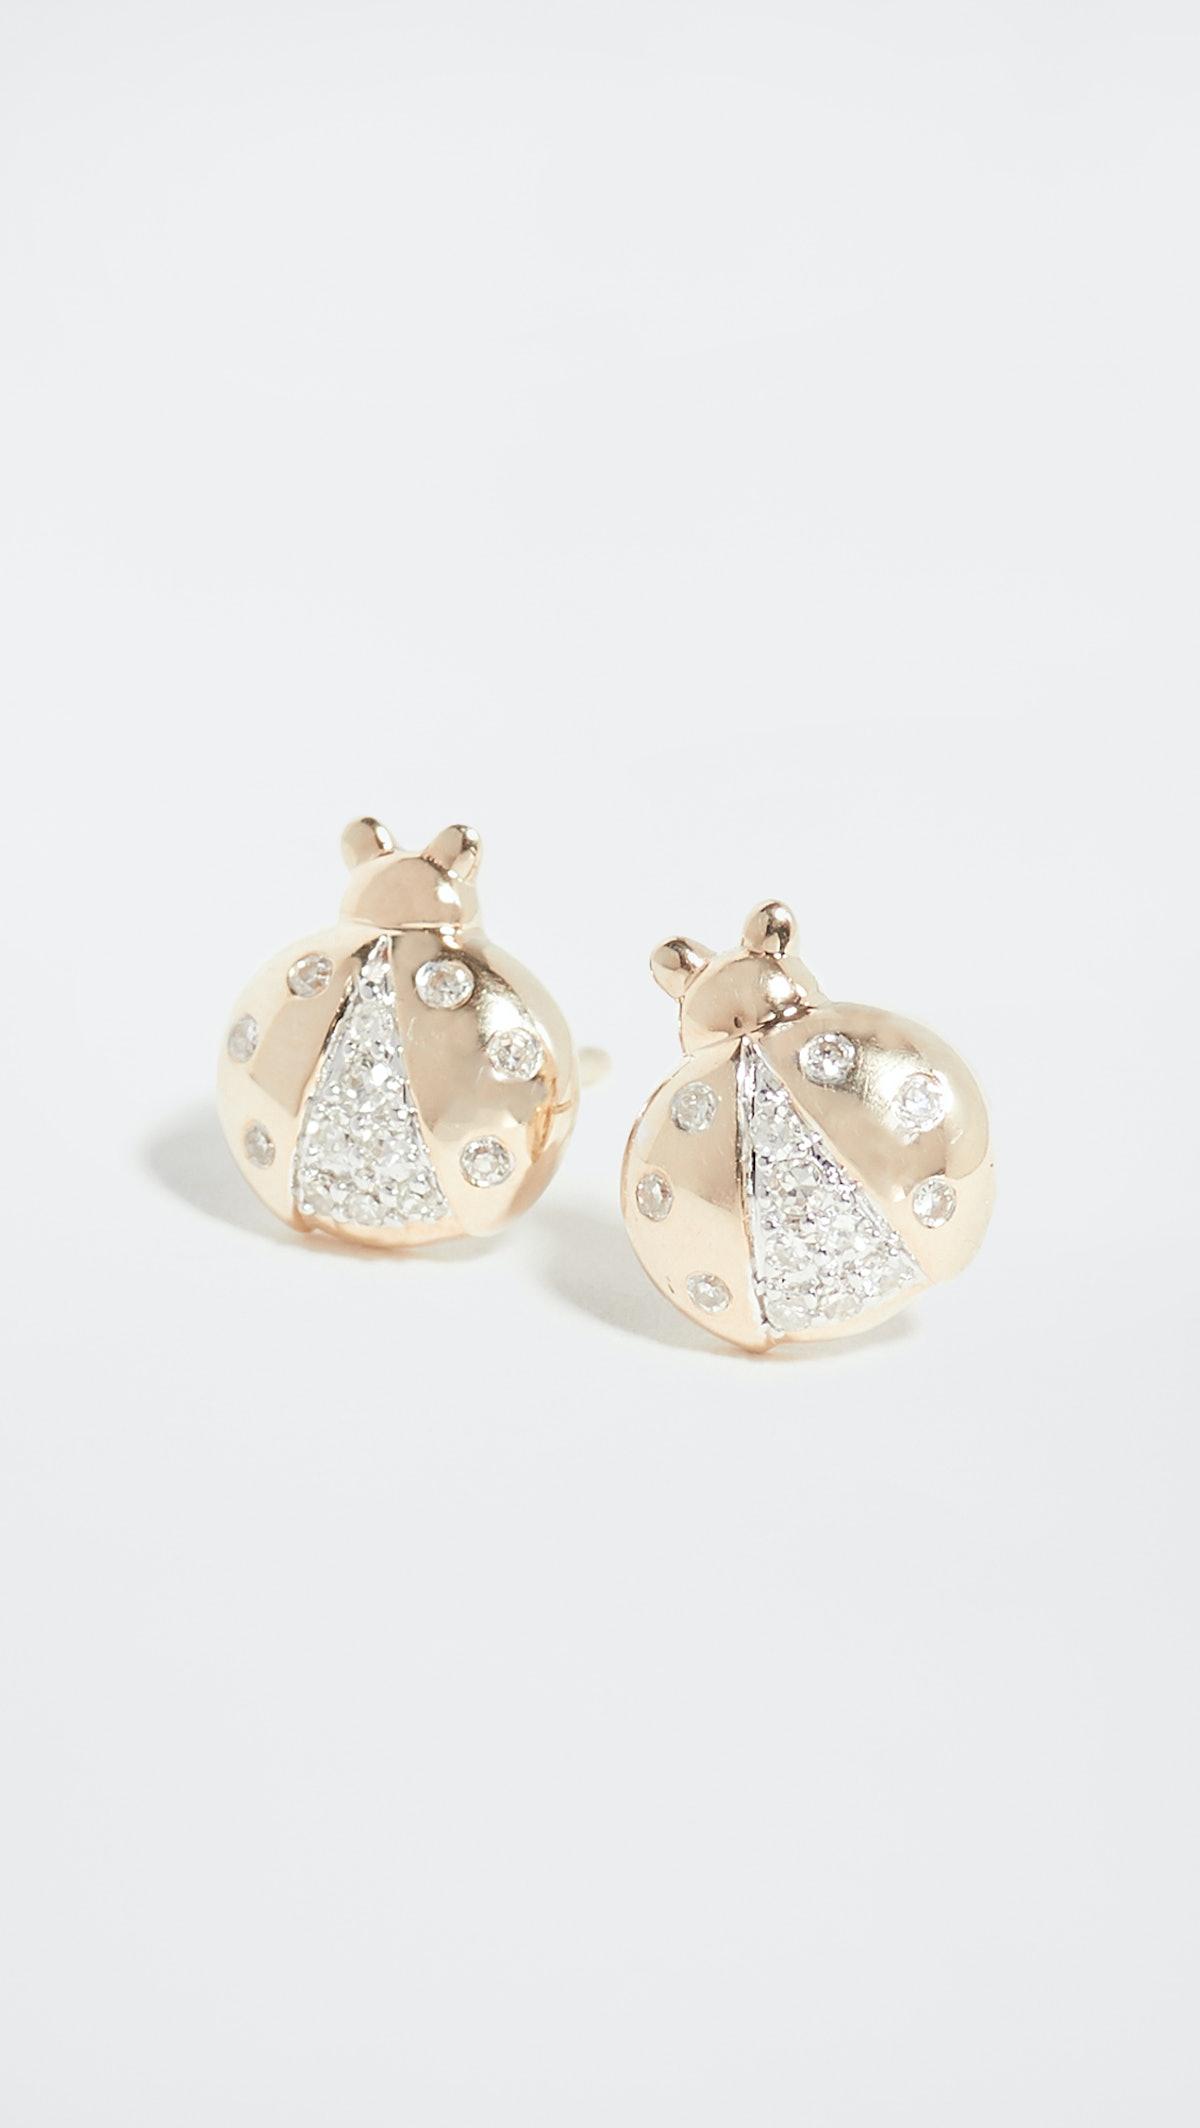 14k Garden Pavé Ladybug Post Earrings